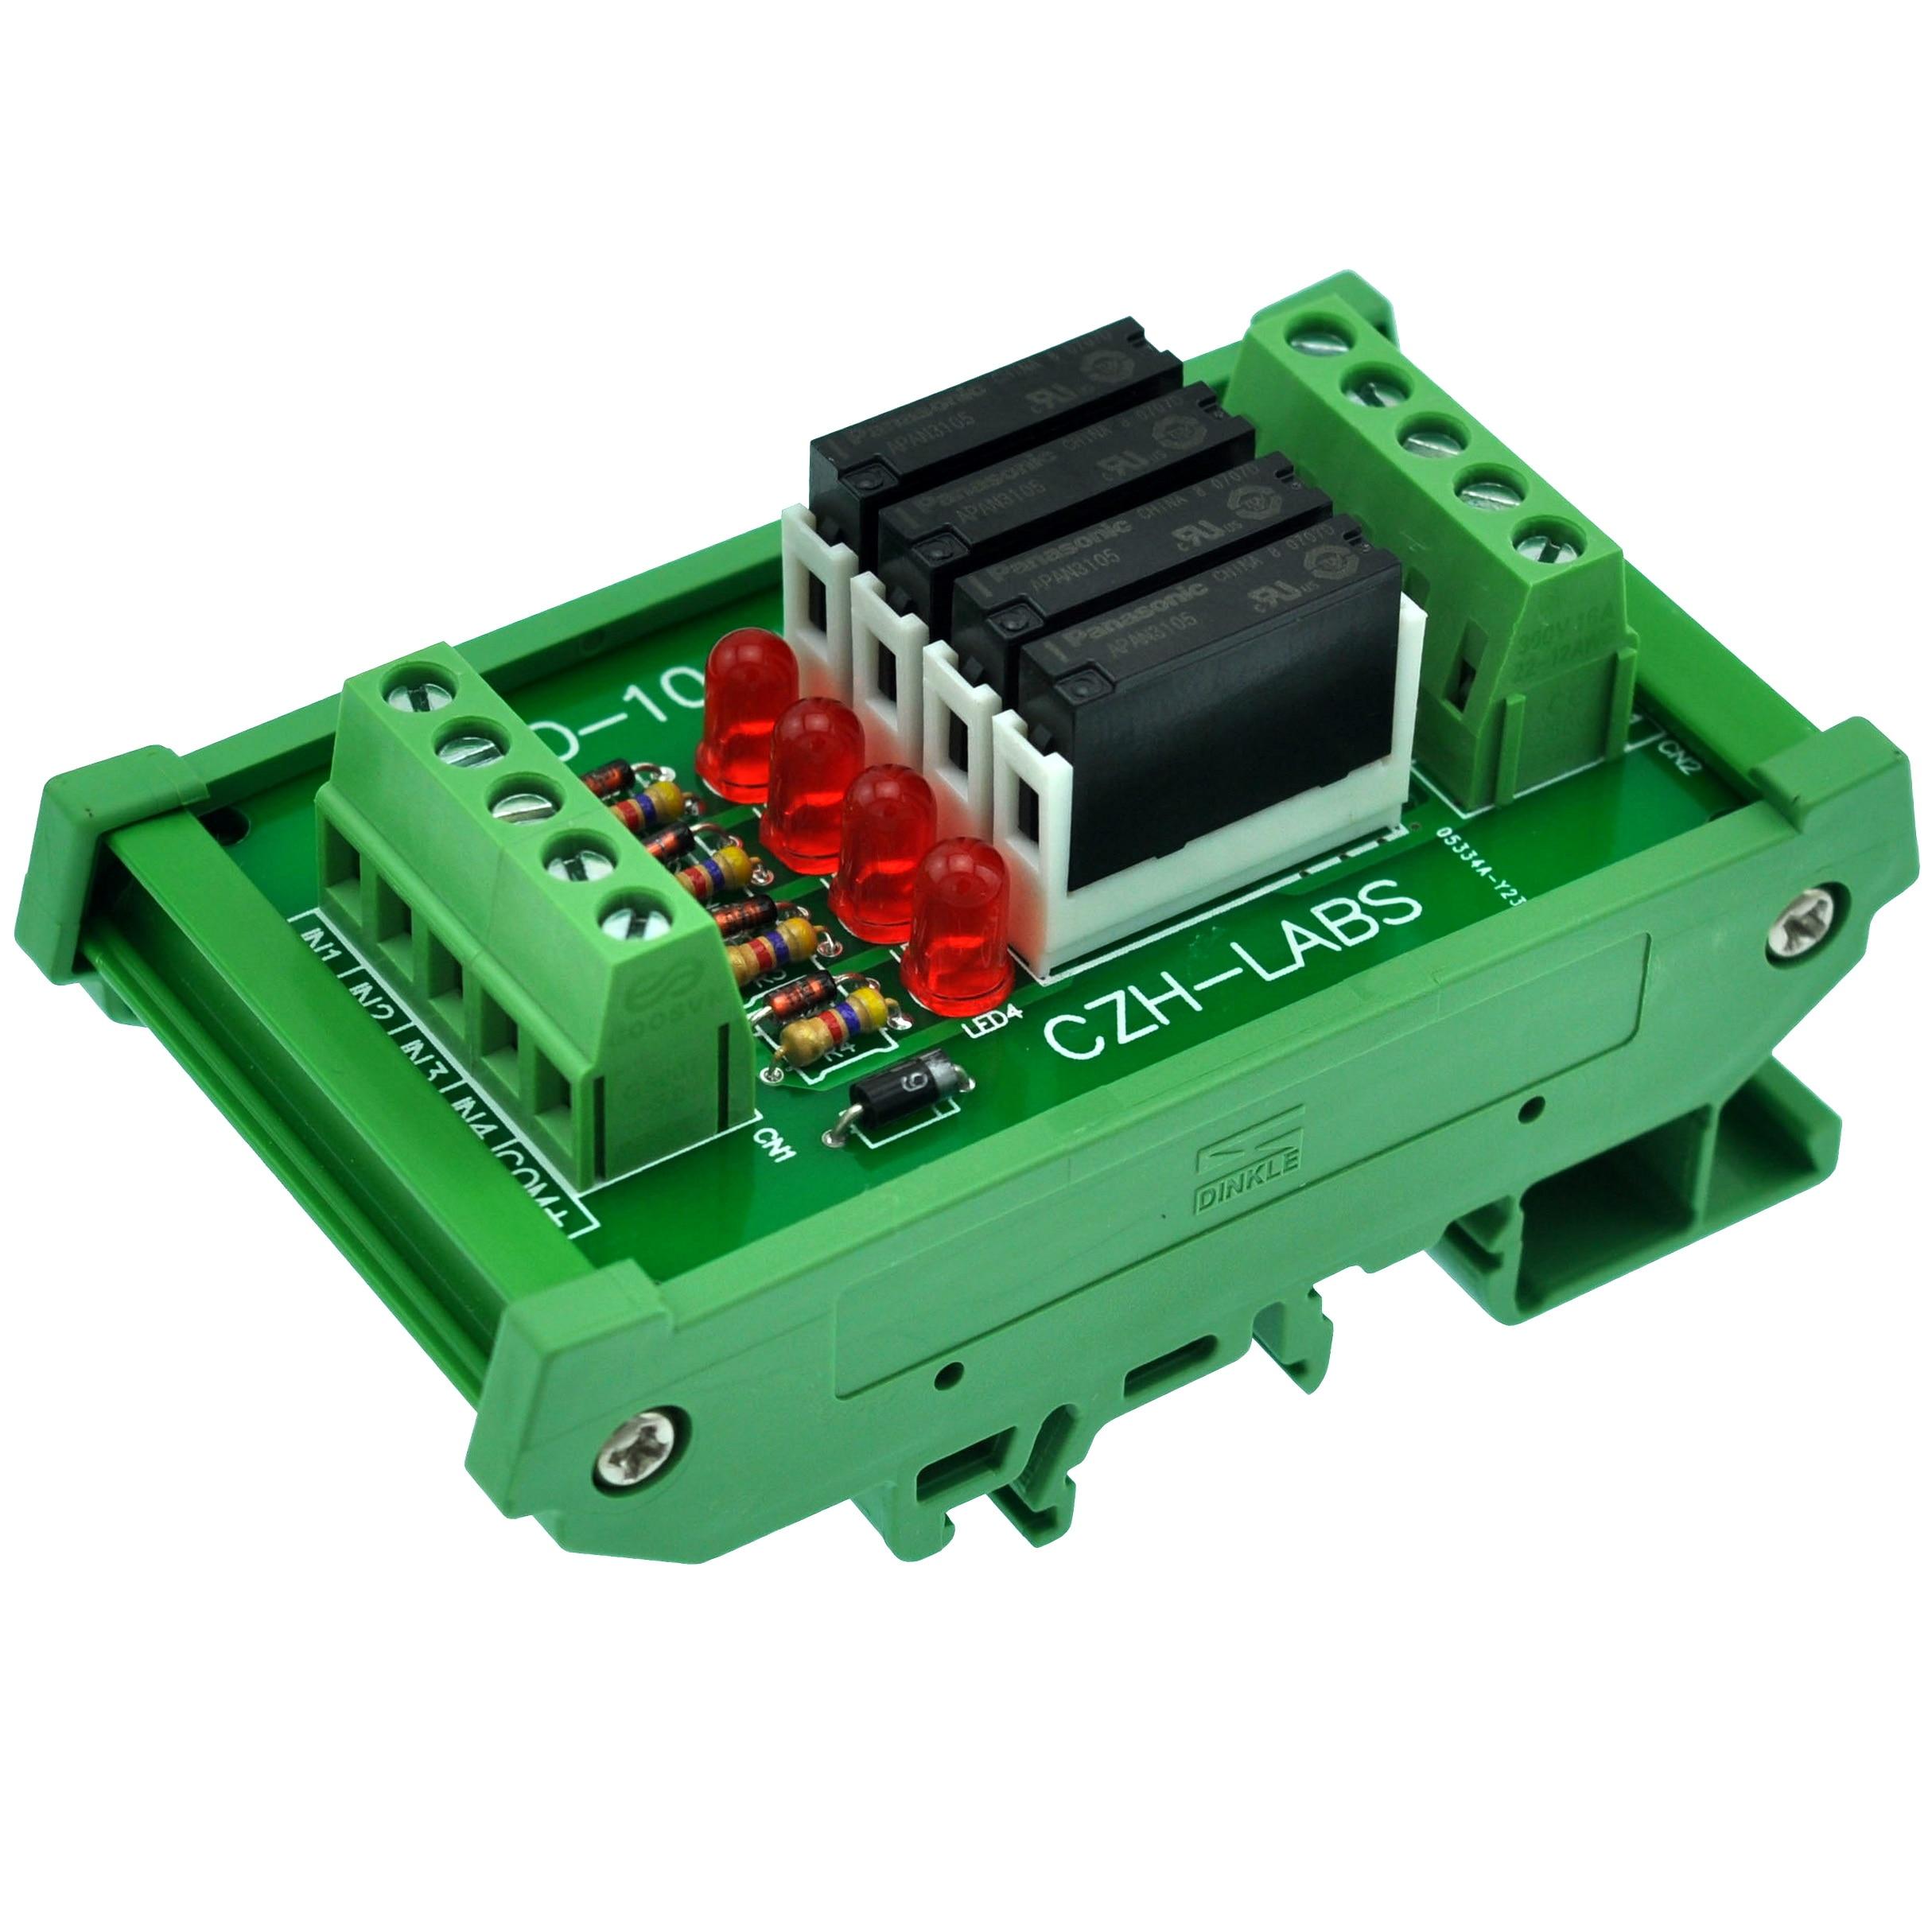 Slim DIN Rail Mount DC5V Sink/NPN 4 SPST-NO 5A Power Relay Module, APAN3105